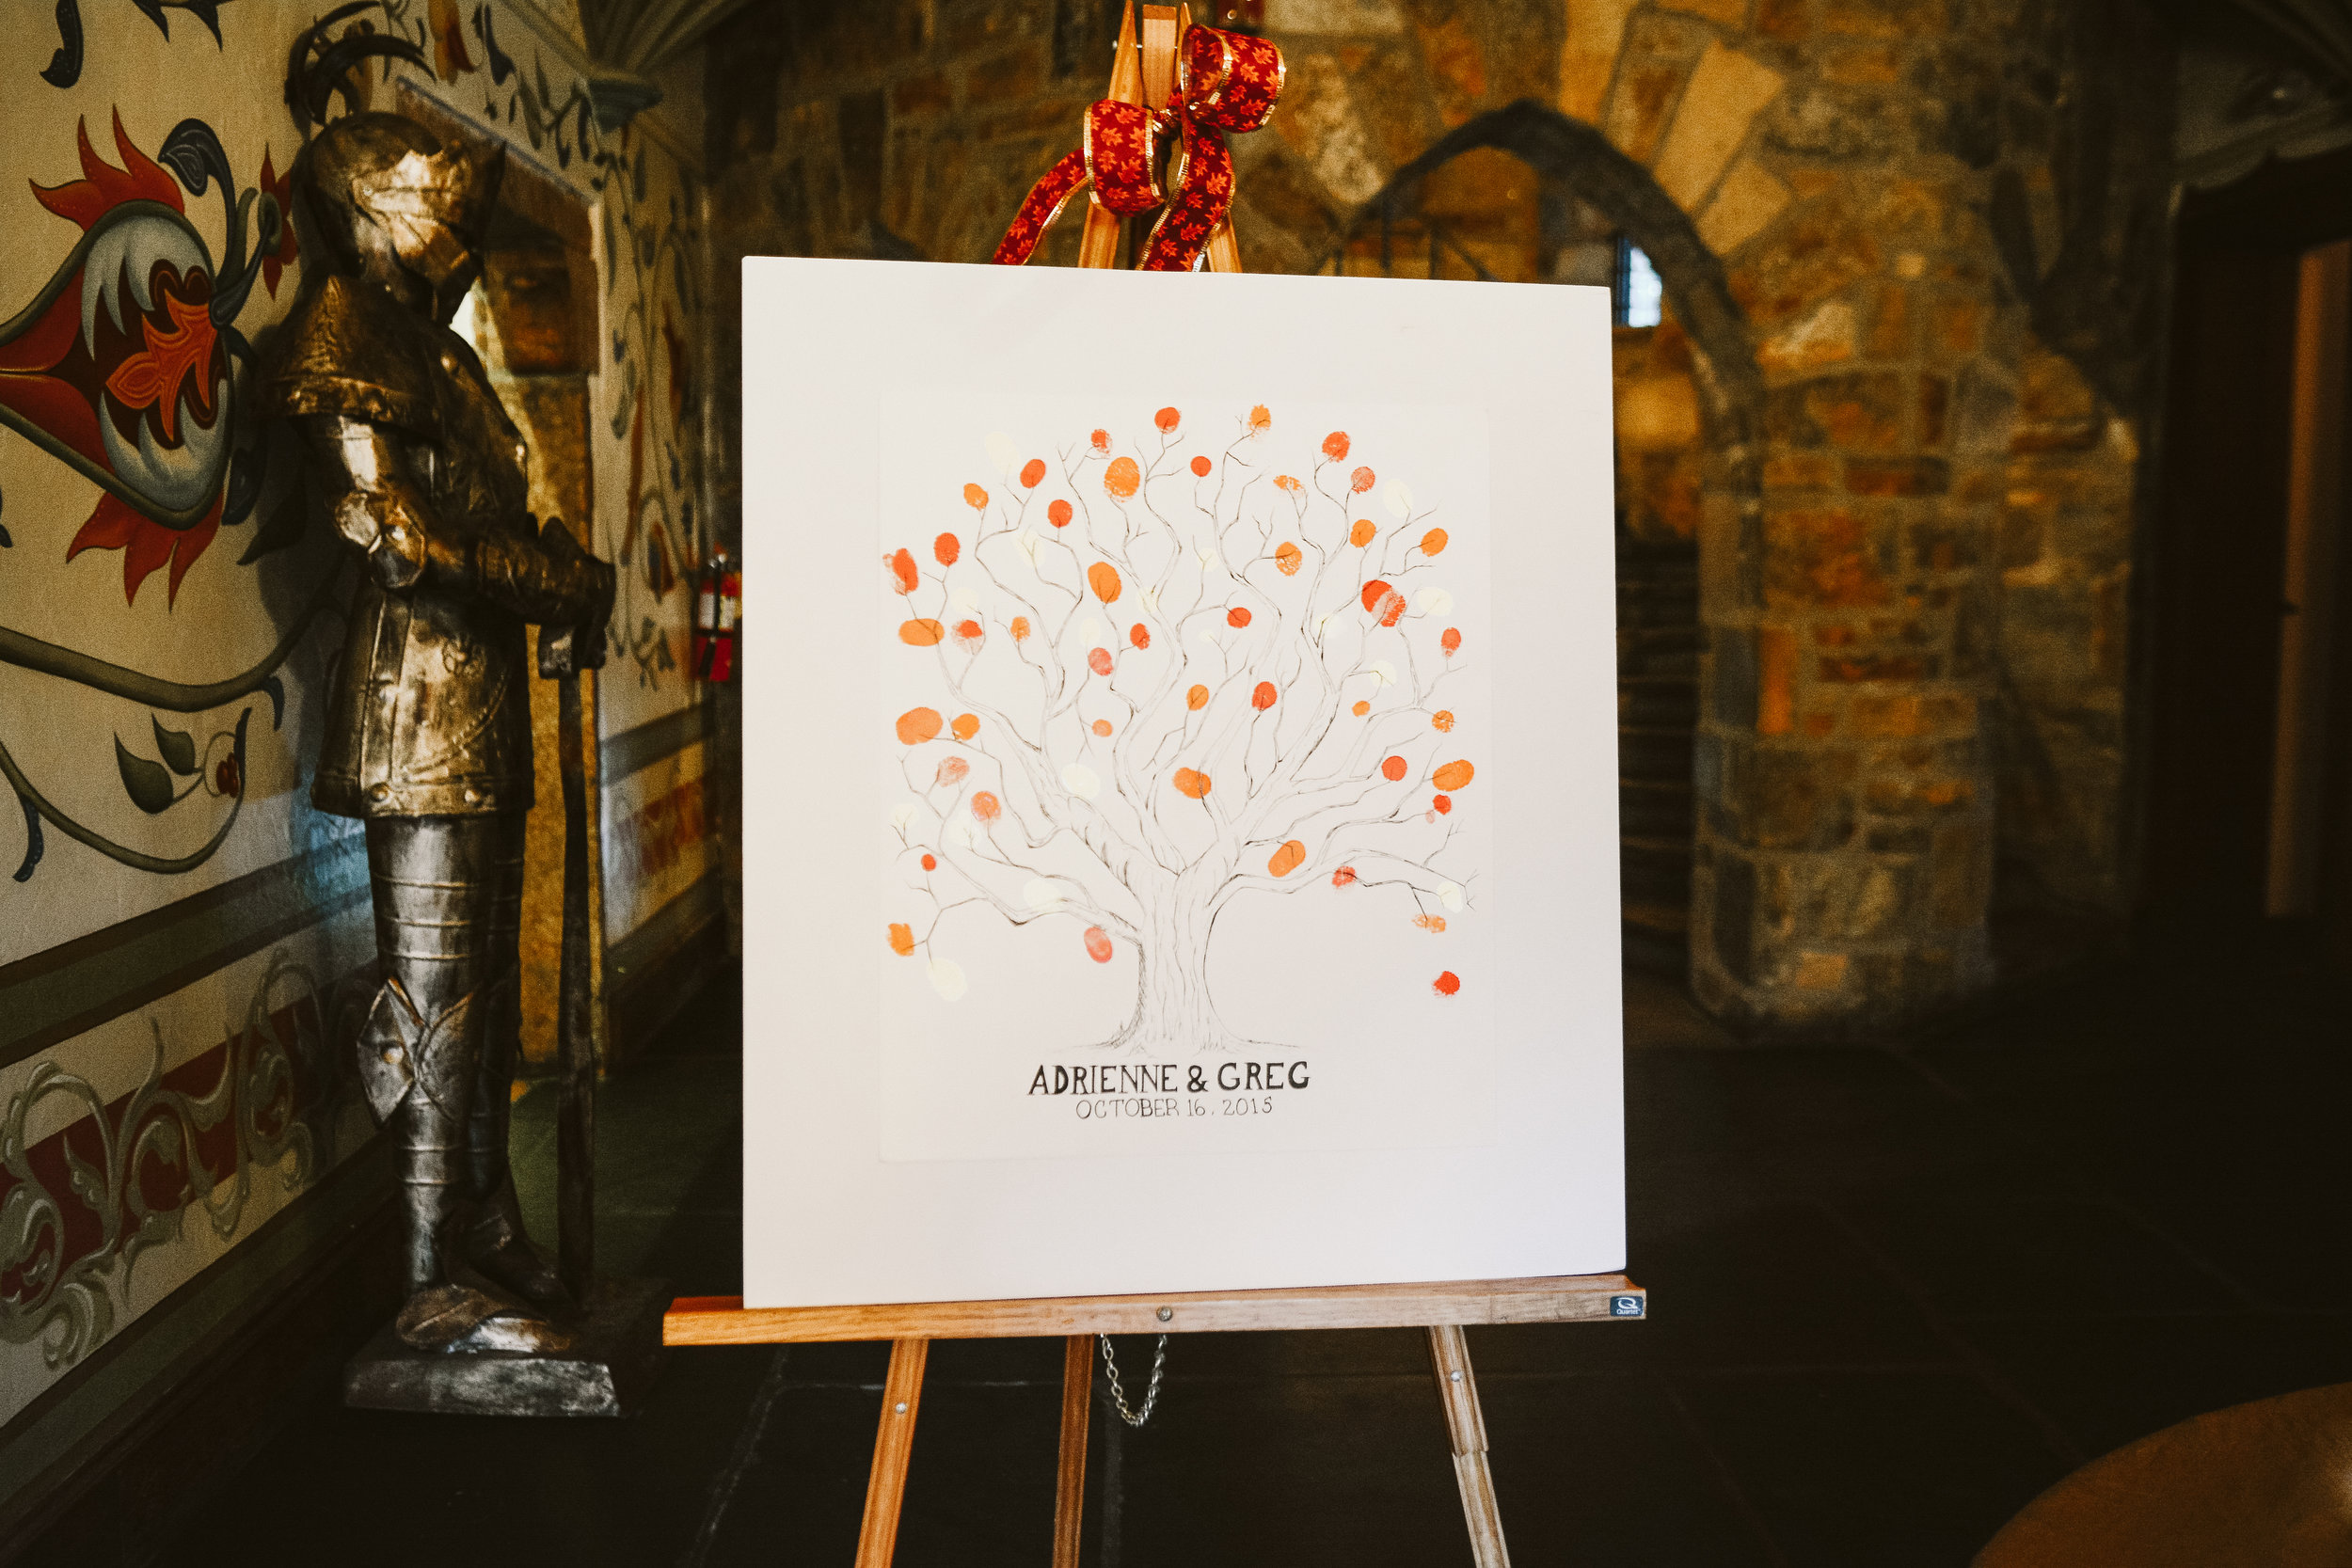 adrienne and greg's wedding 2018 edits-60.jpg